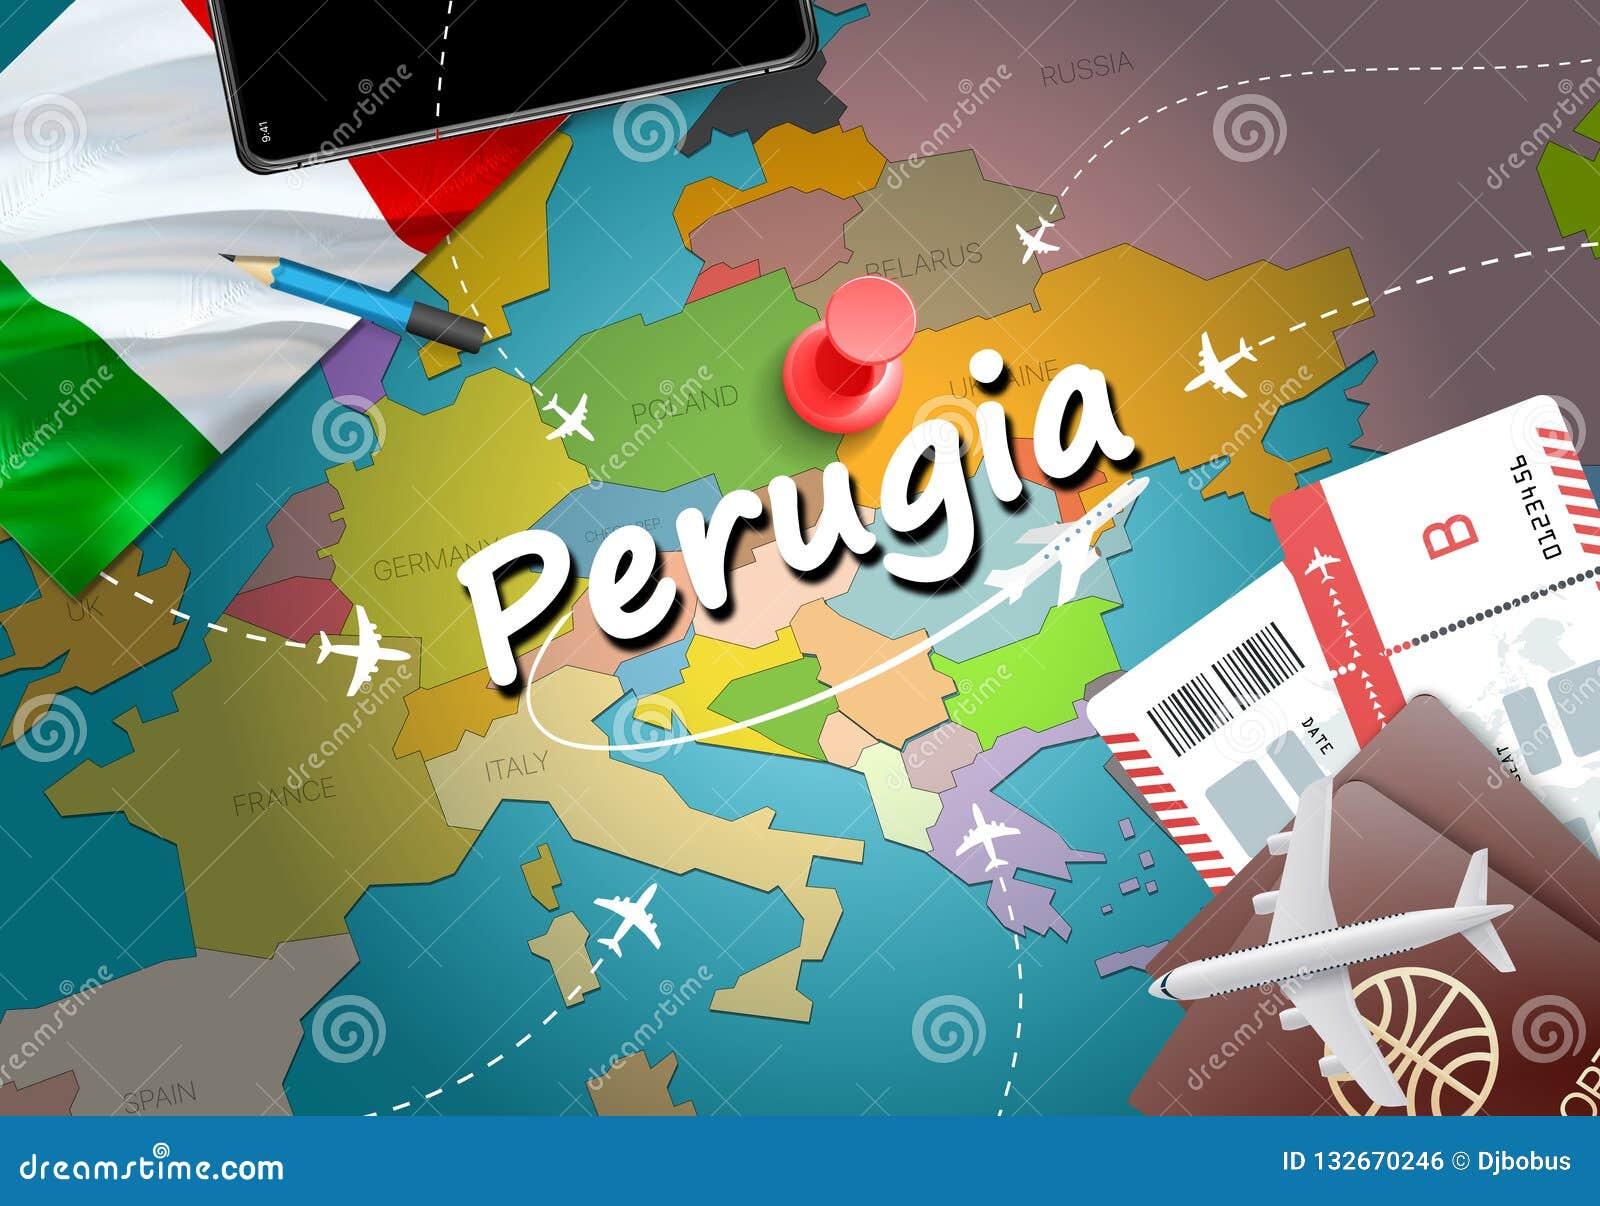 Perugia City Travel And Tourism Destination Concept Italy Flag